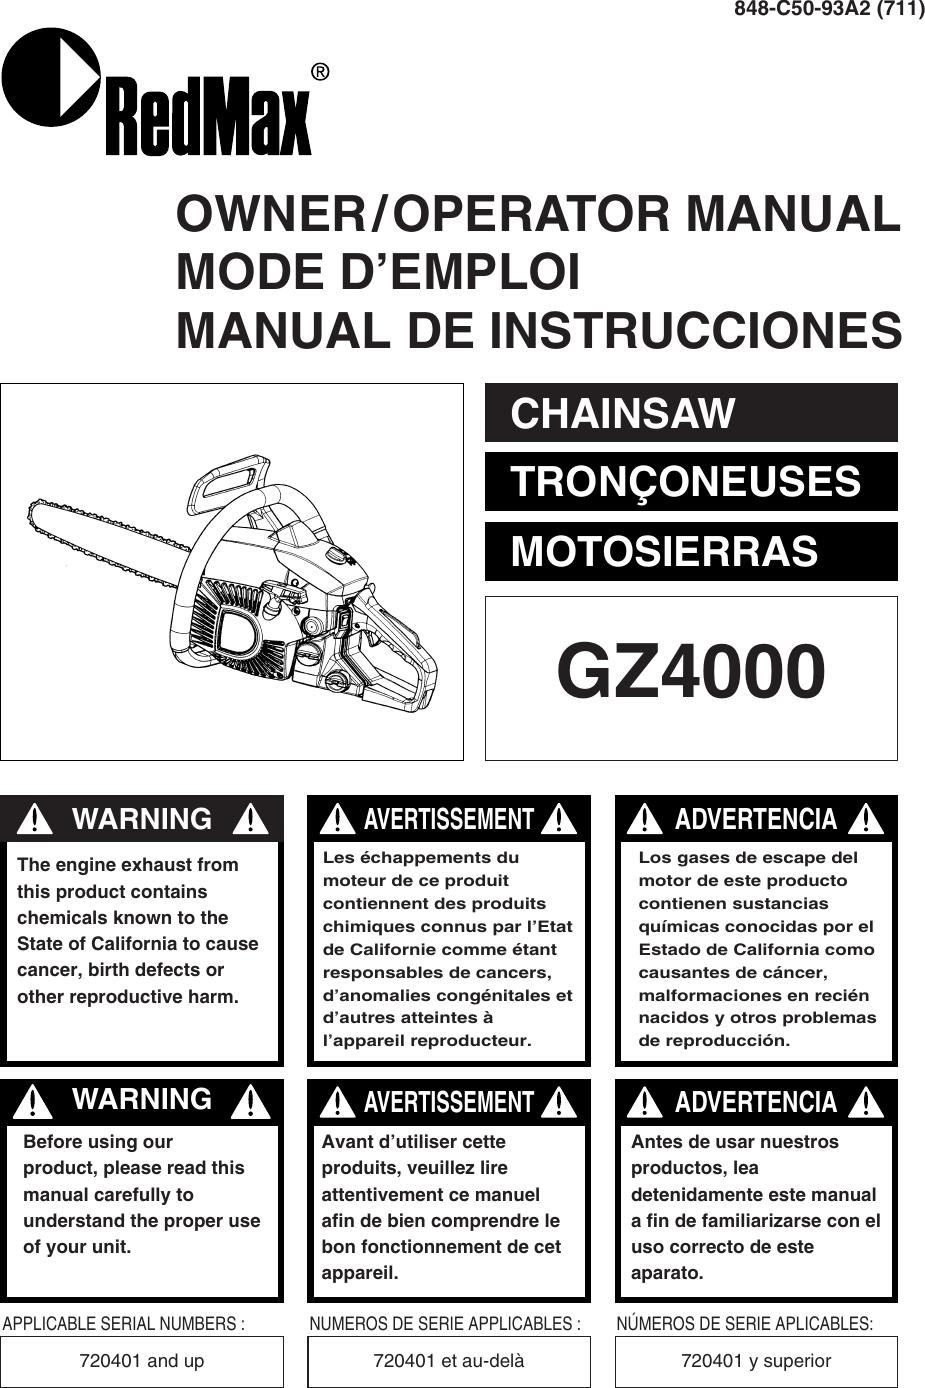 redmax user manual